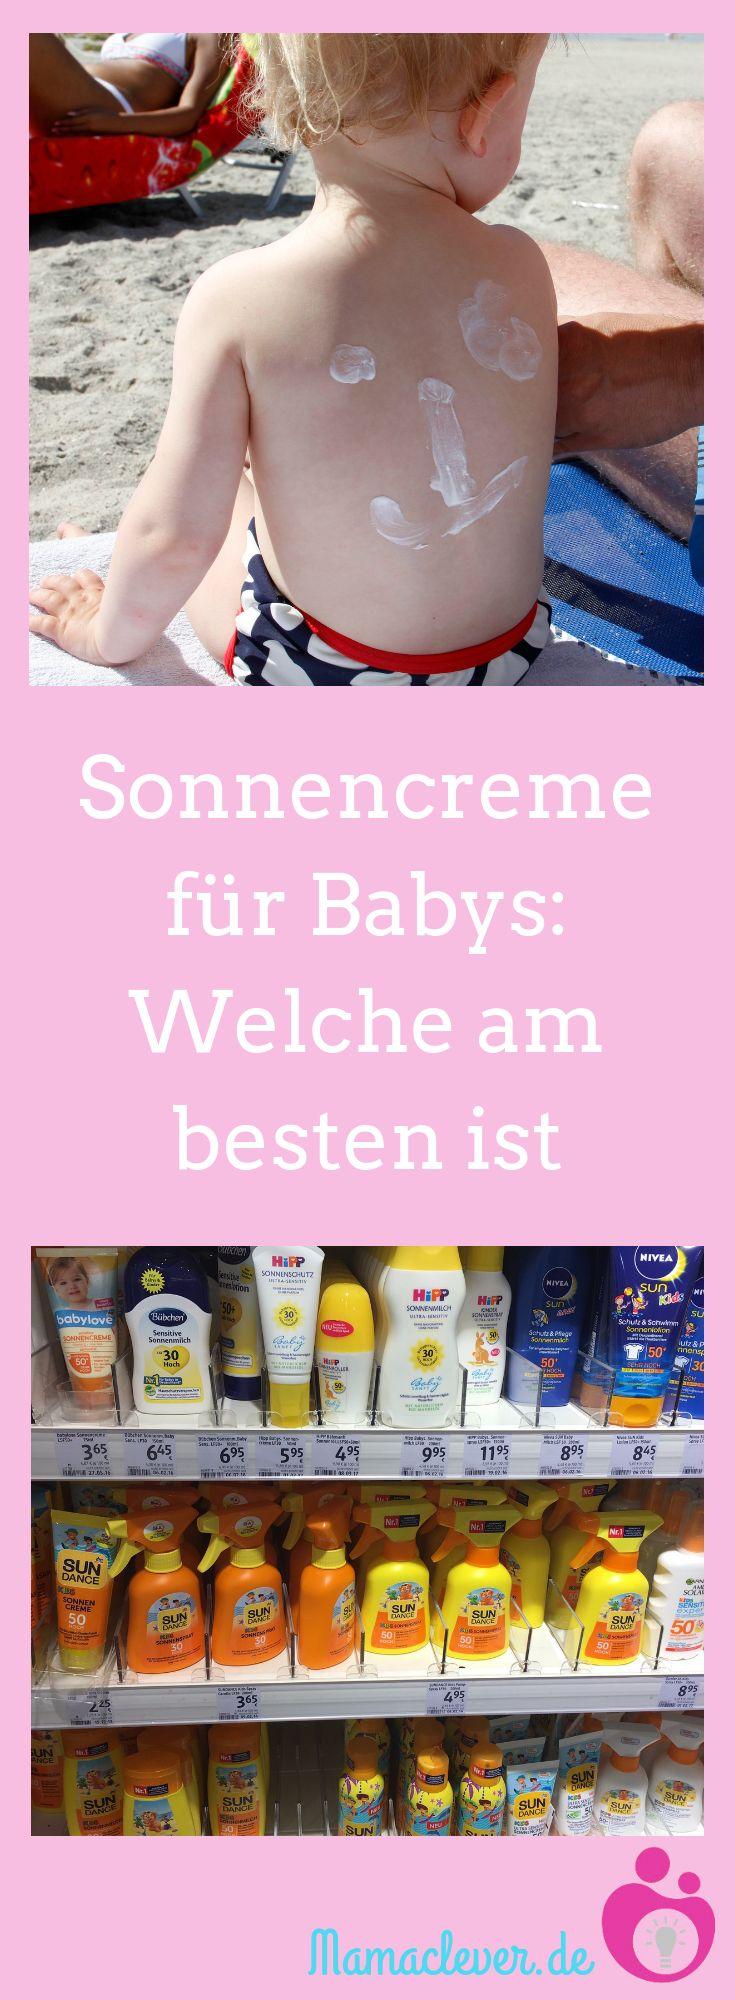 Die richtige Sonnencreme für Babys unter einem Jahr